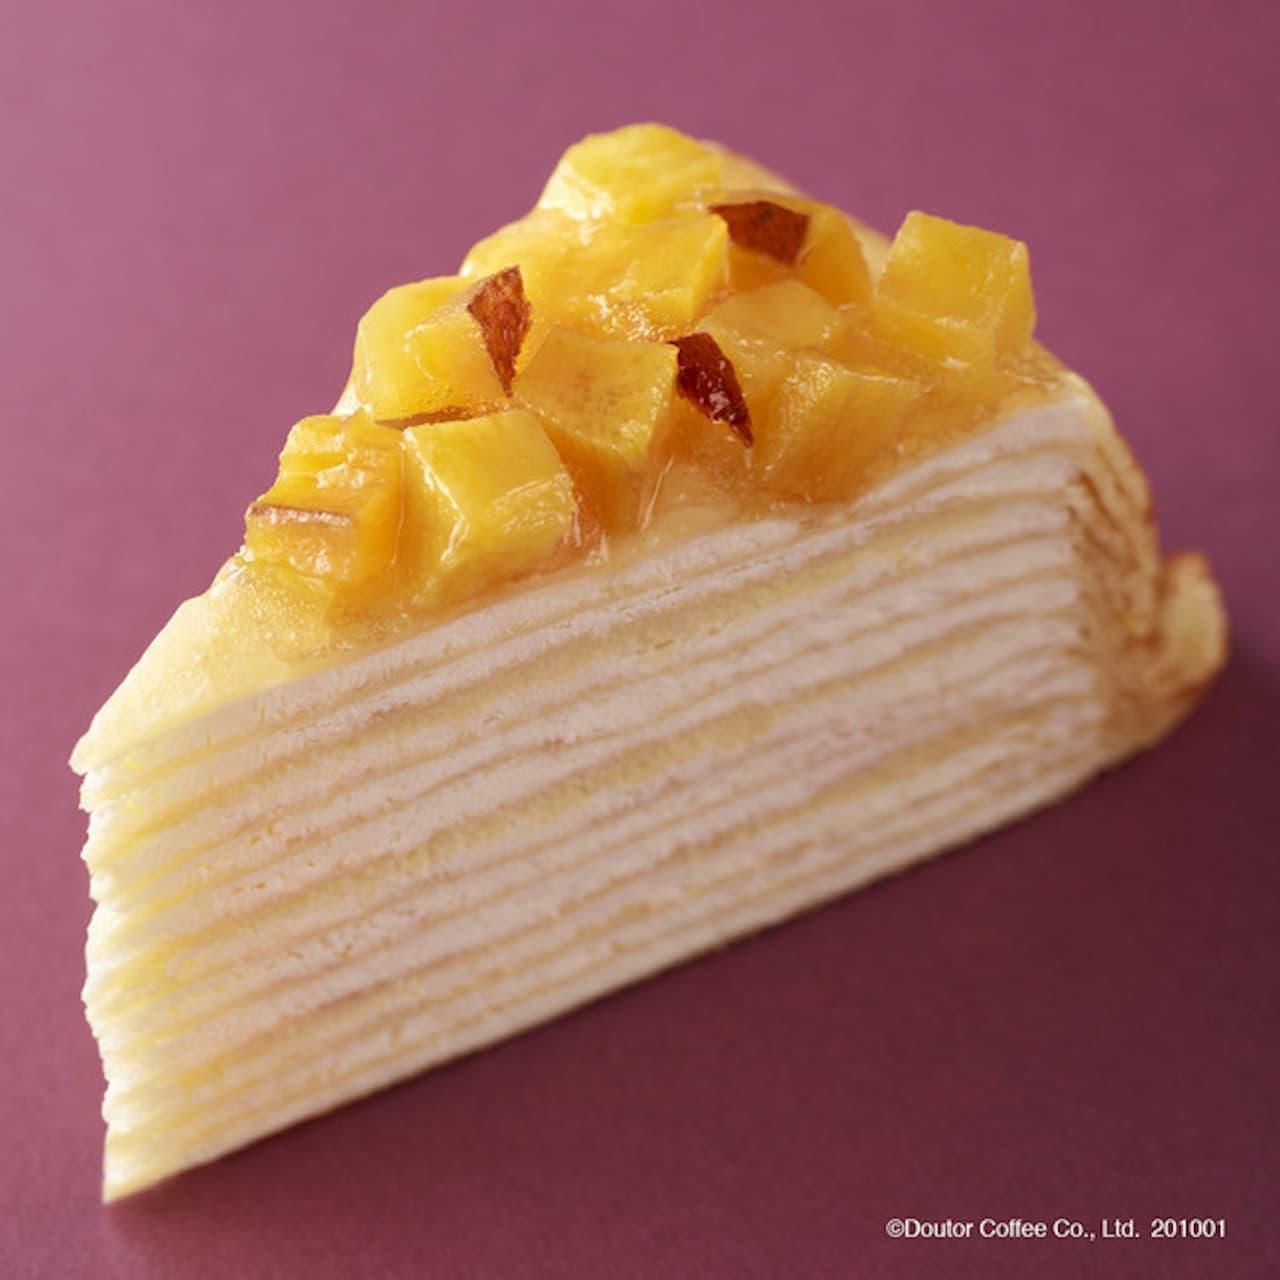 新作ケーキ「安納芋のミルクレープ」ドトールから